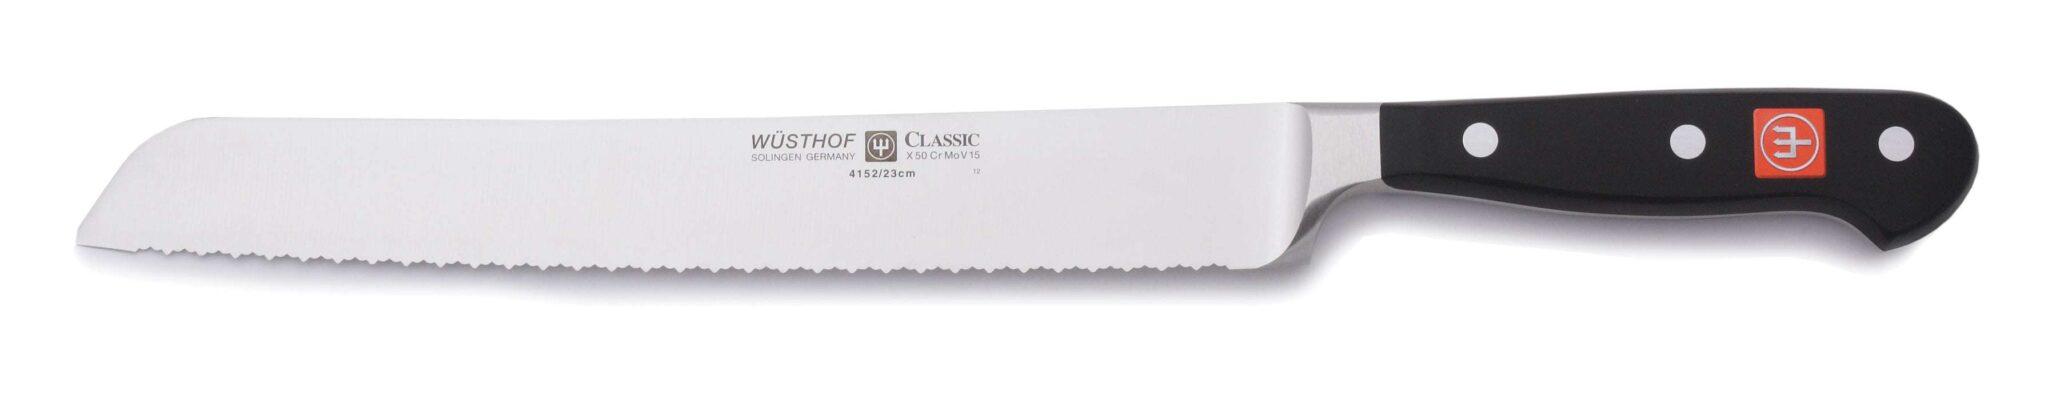 Wusthof double serrated knife on white background